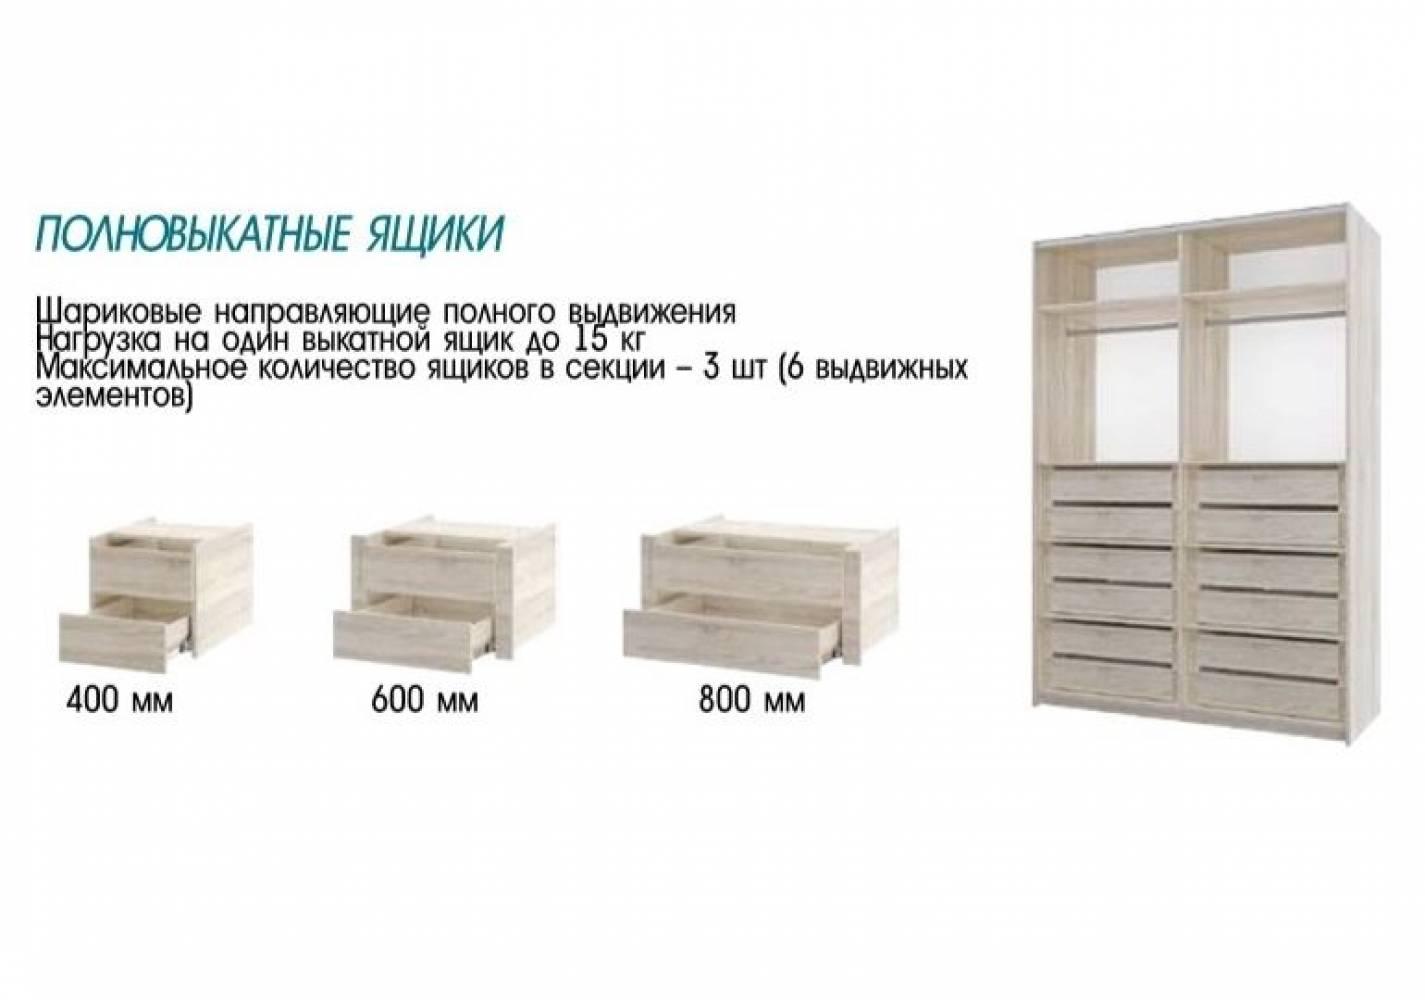 Шкаф Фортуна-2 (1800) 600/600/600